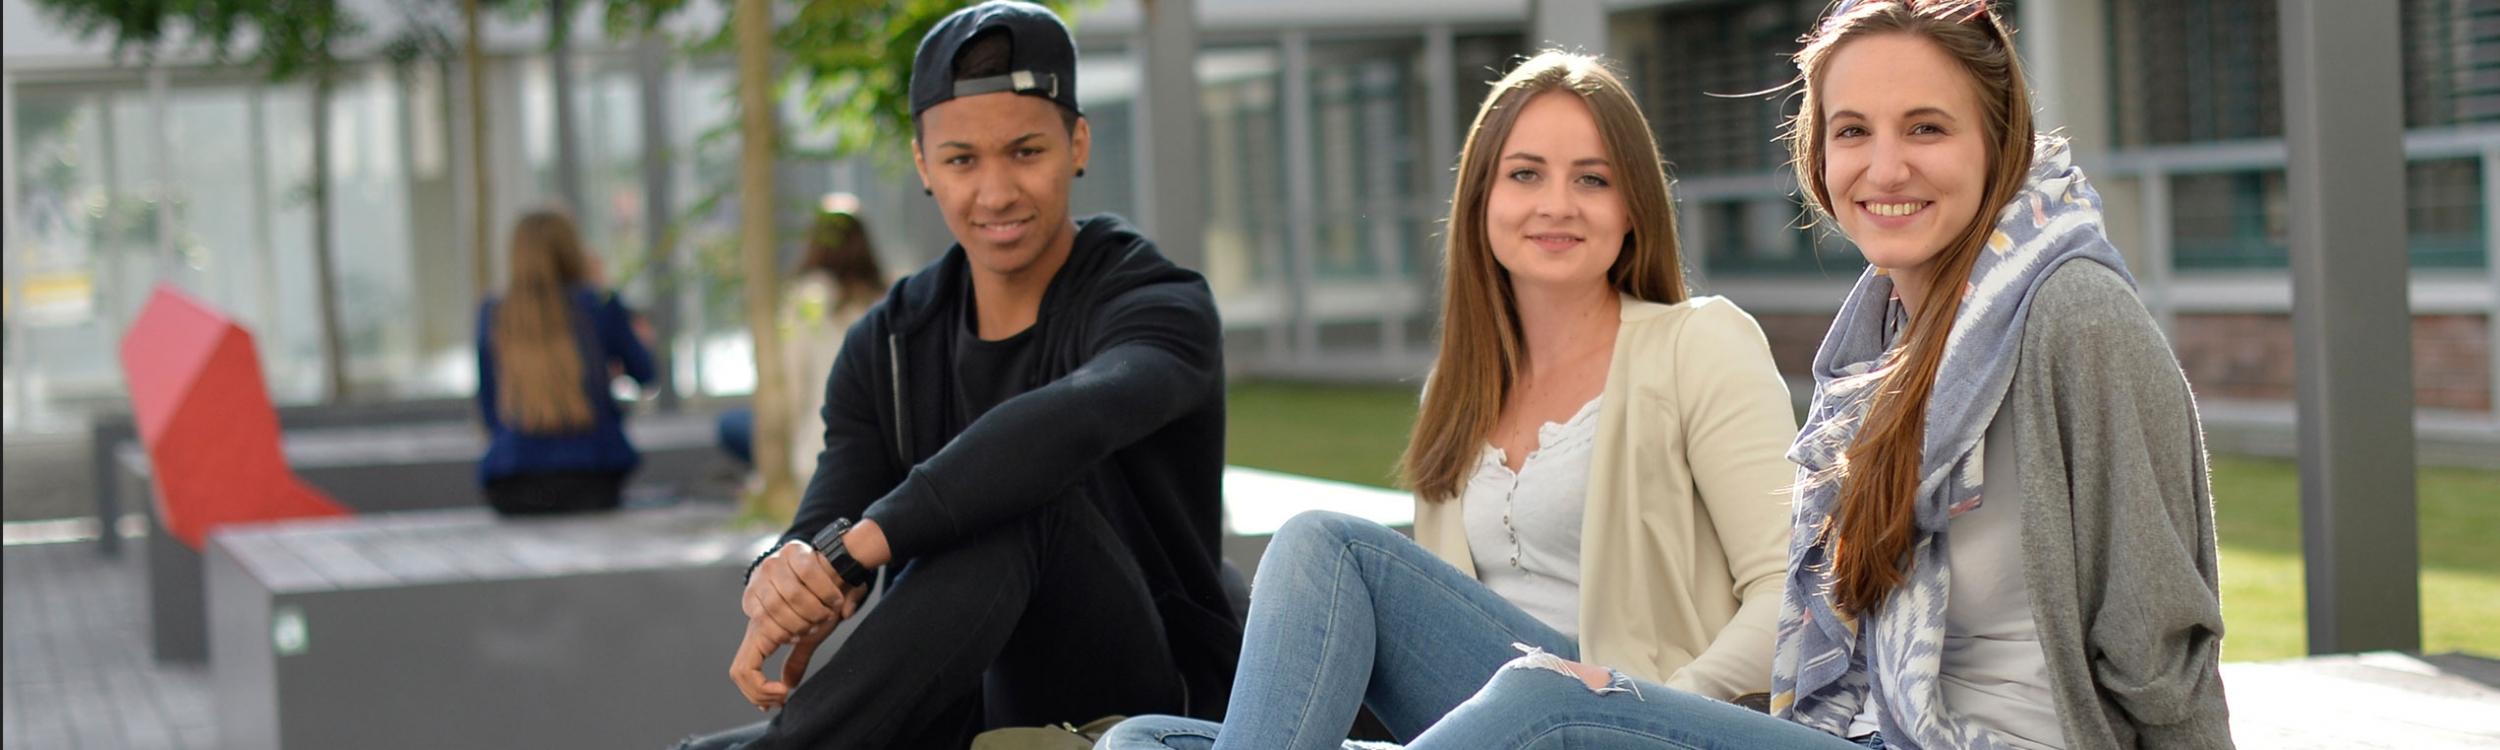 SchülerInnen am Campus